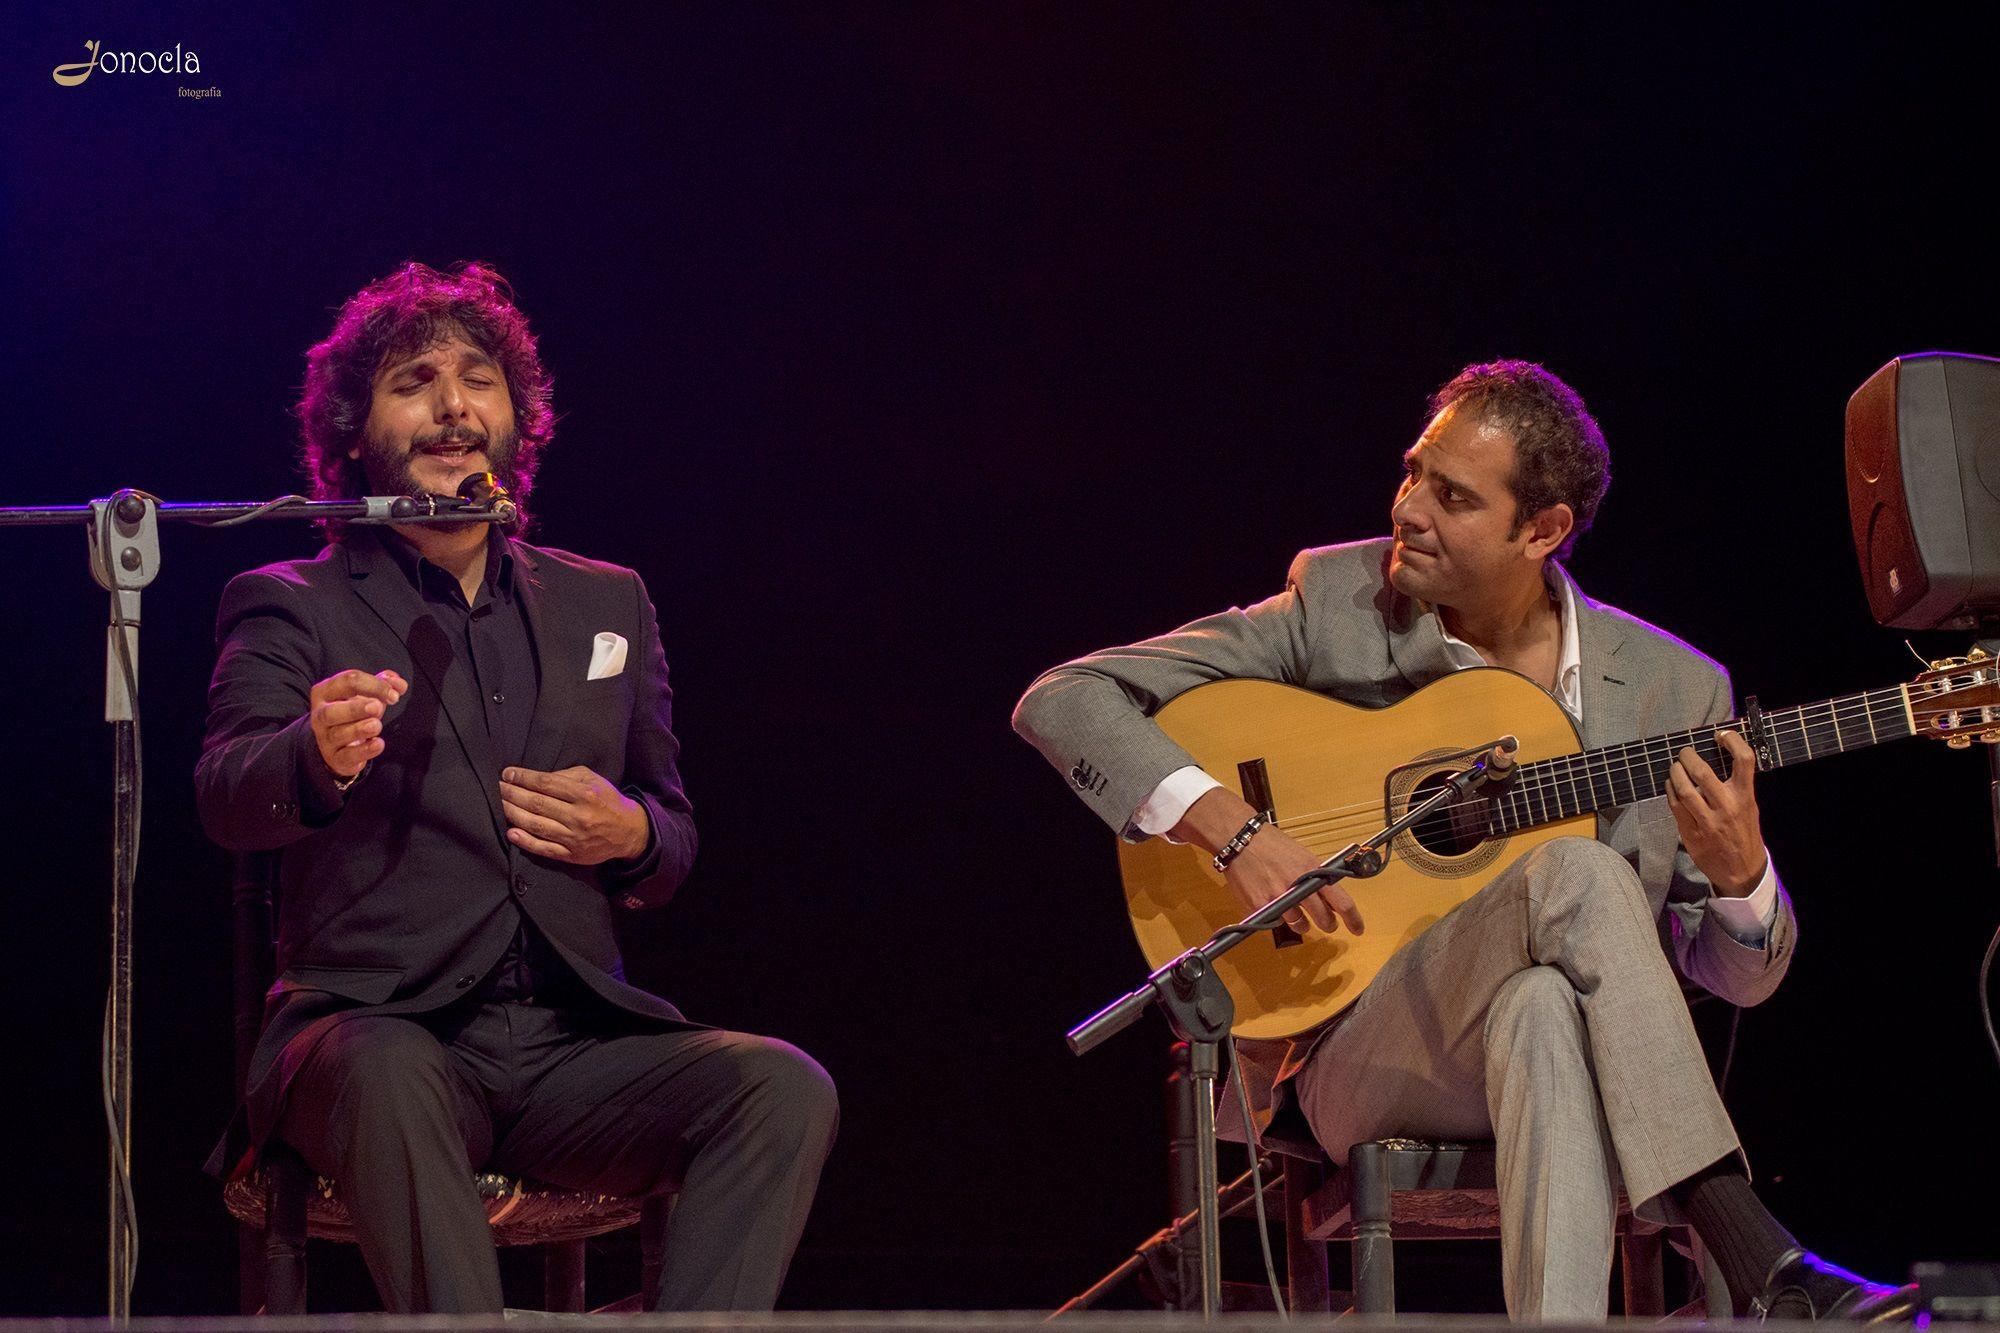 Viernes Flamenco 19 Ago 2016 8